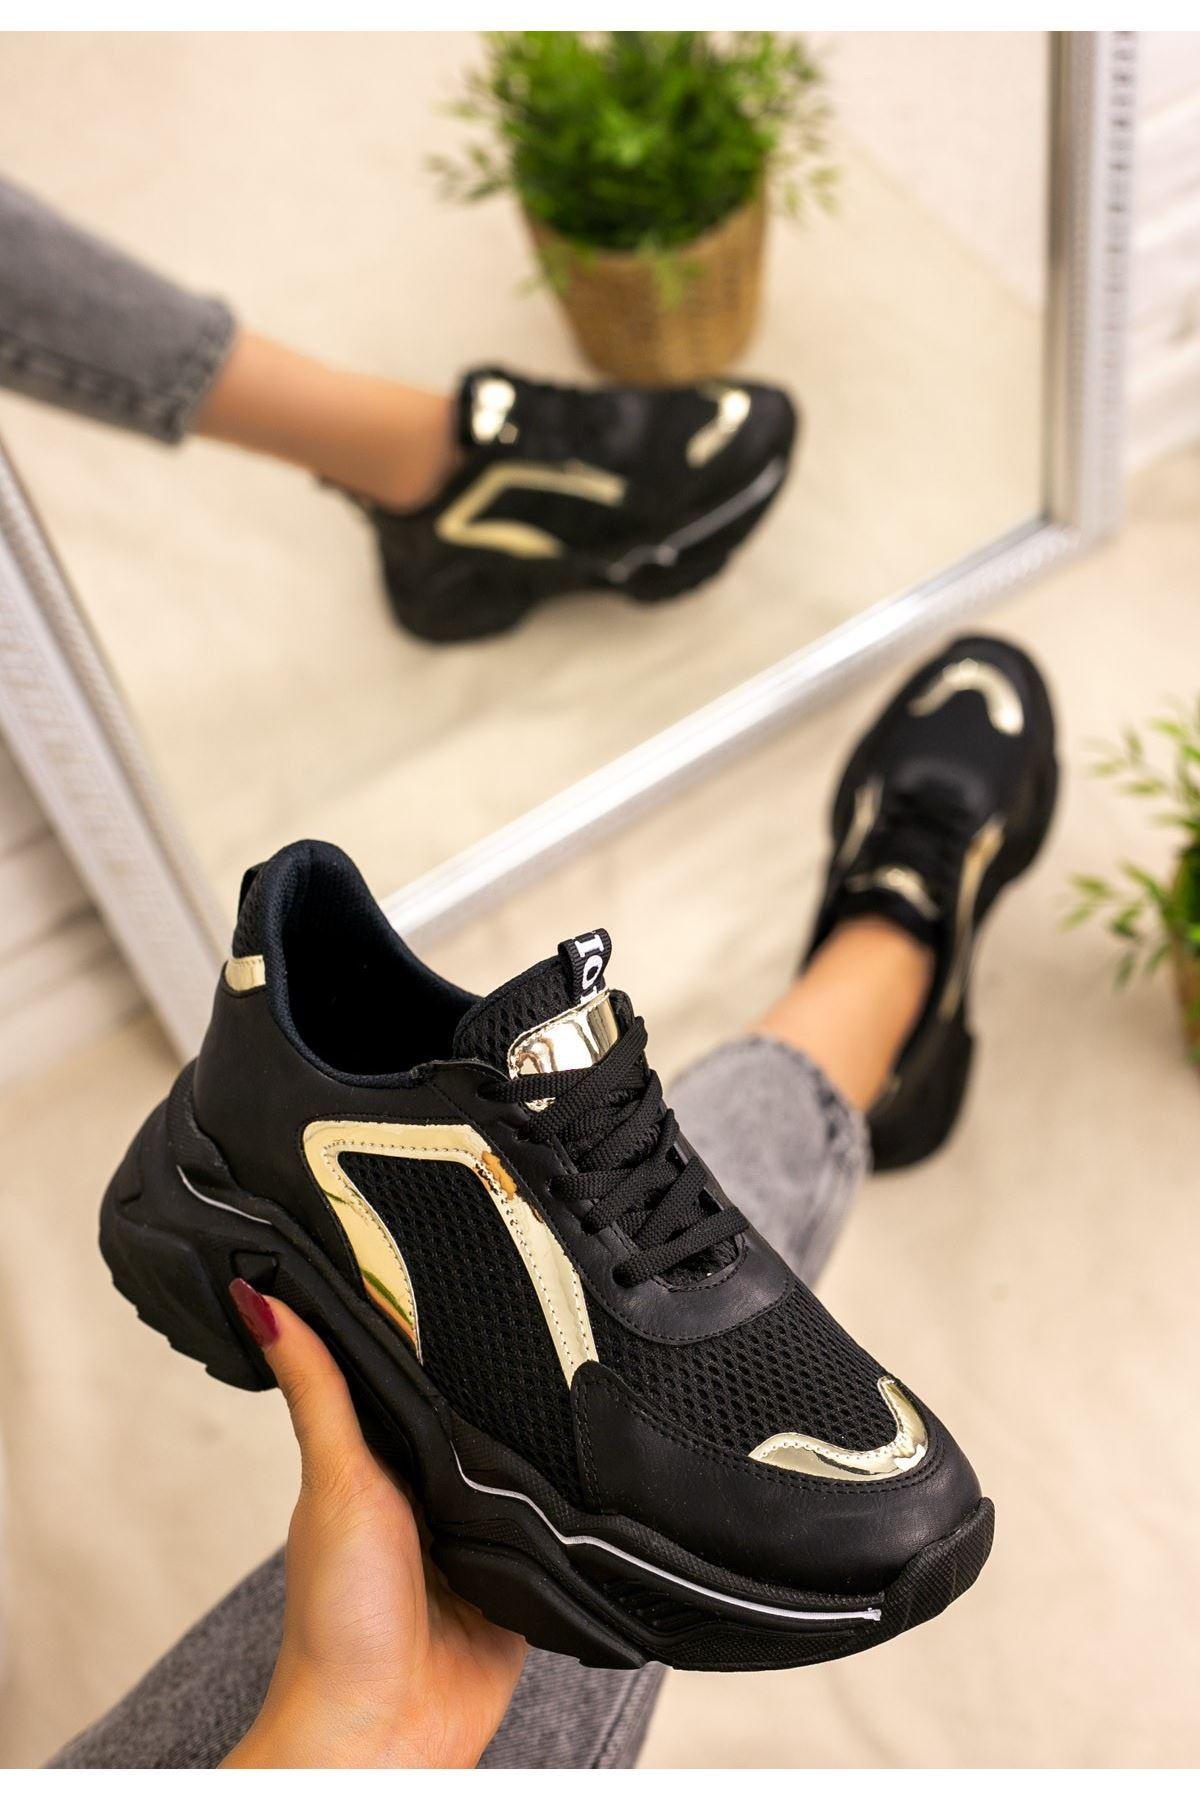 Vira  Siyah Cilt Yaldızlı  Spor Ayakkabı